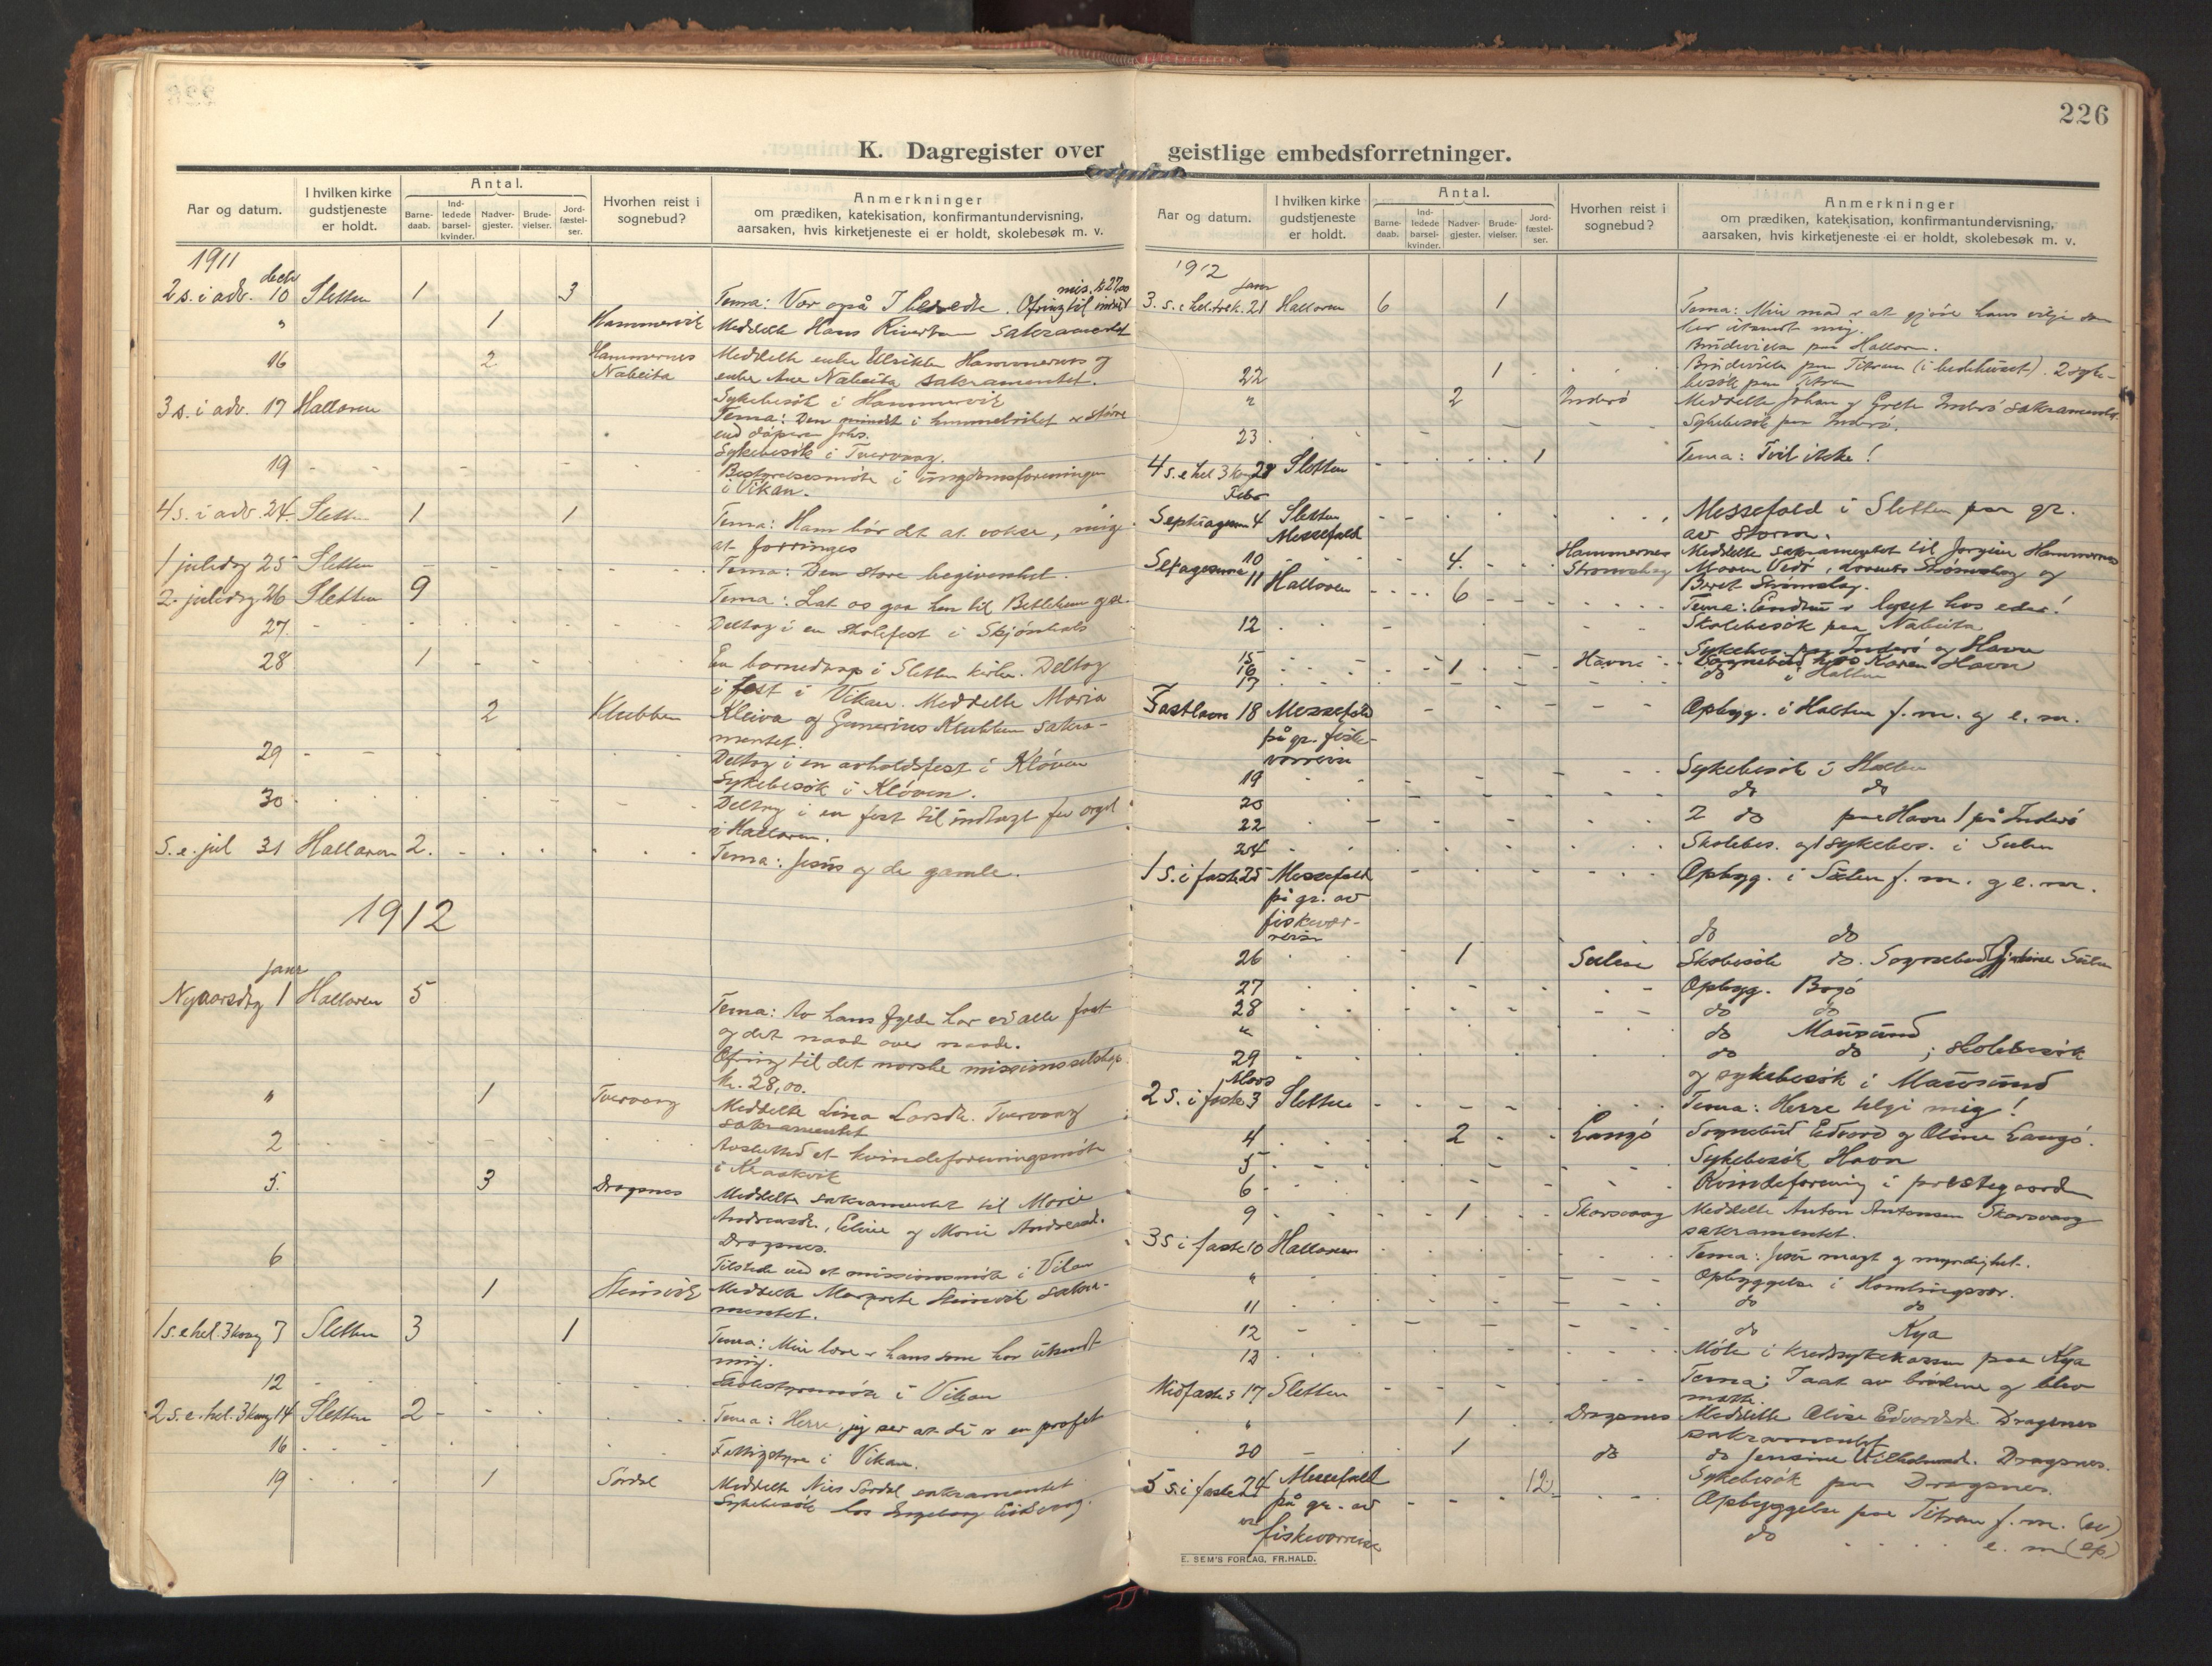 SAT, Ministerialprotokoller, klokkerbøker og fødselsregistre - Sør-Trøndelag, 640/L0581: Ministerialbok nr. 640A06, 1910-1924, s. 226